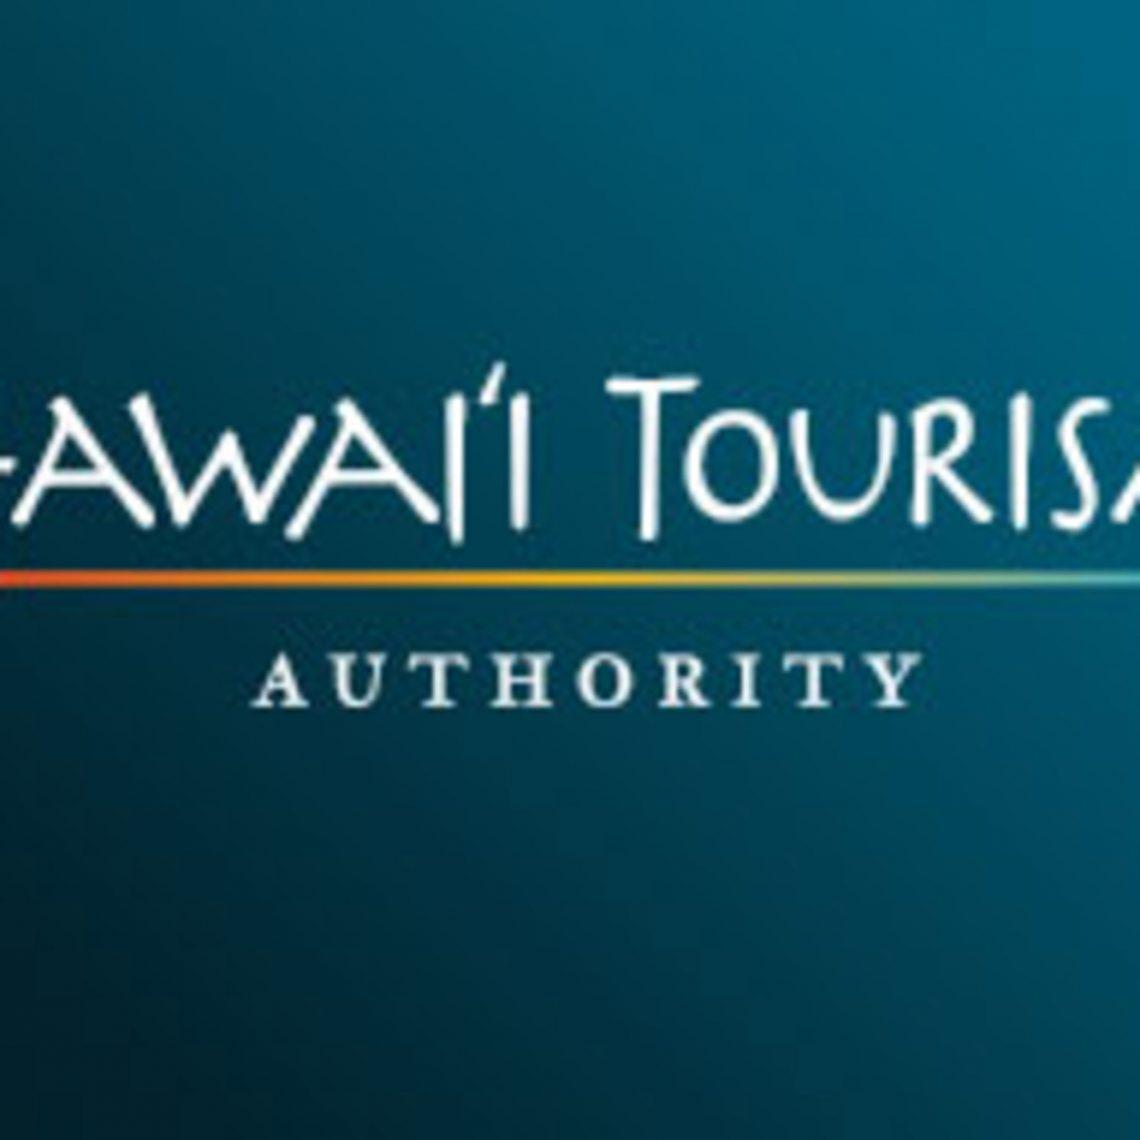 Aiza ny mpitondra fizahan-tany any Hawaii raha miankina amin'izy ireo ny ainy 1.5 tapitrisa?